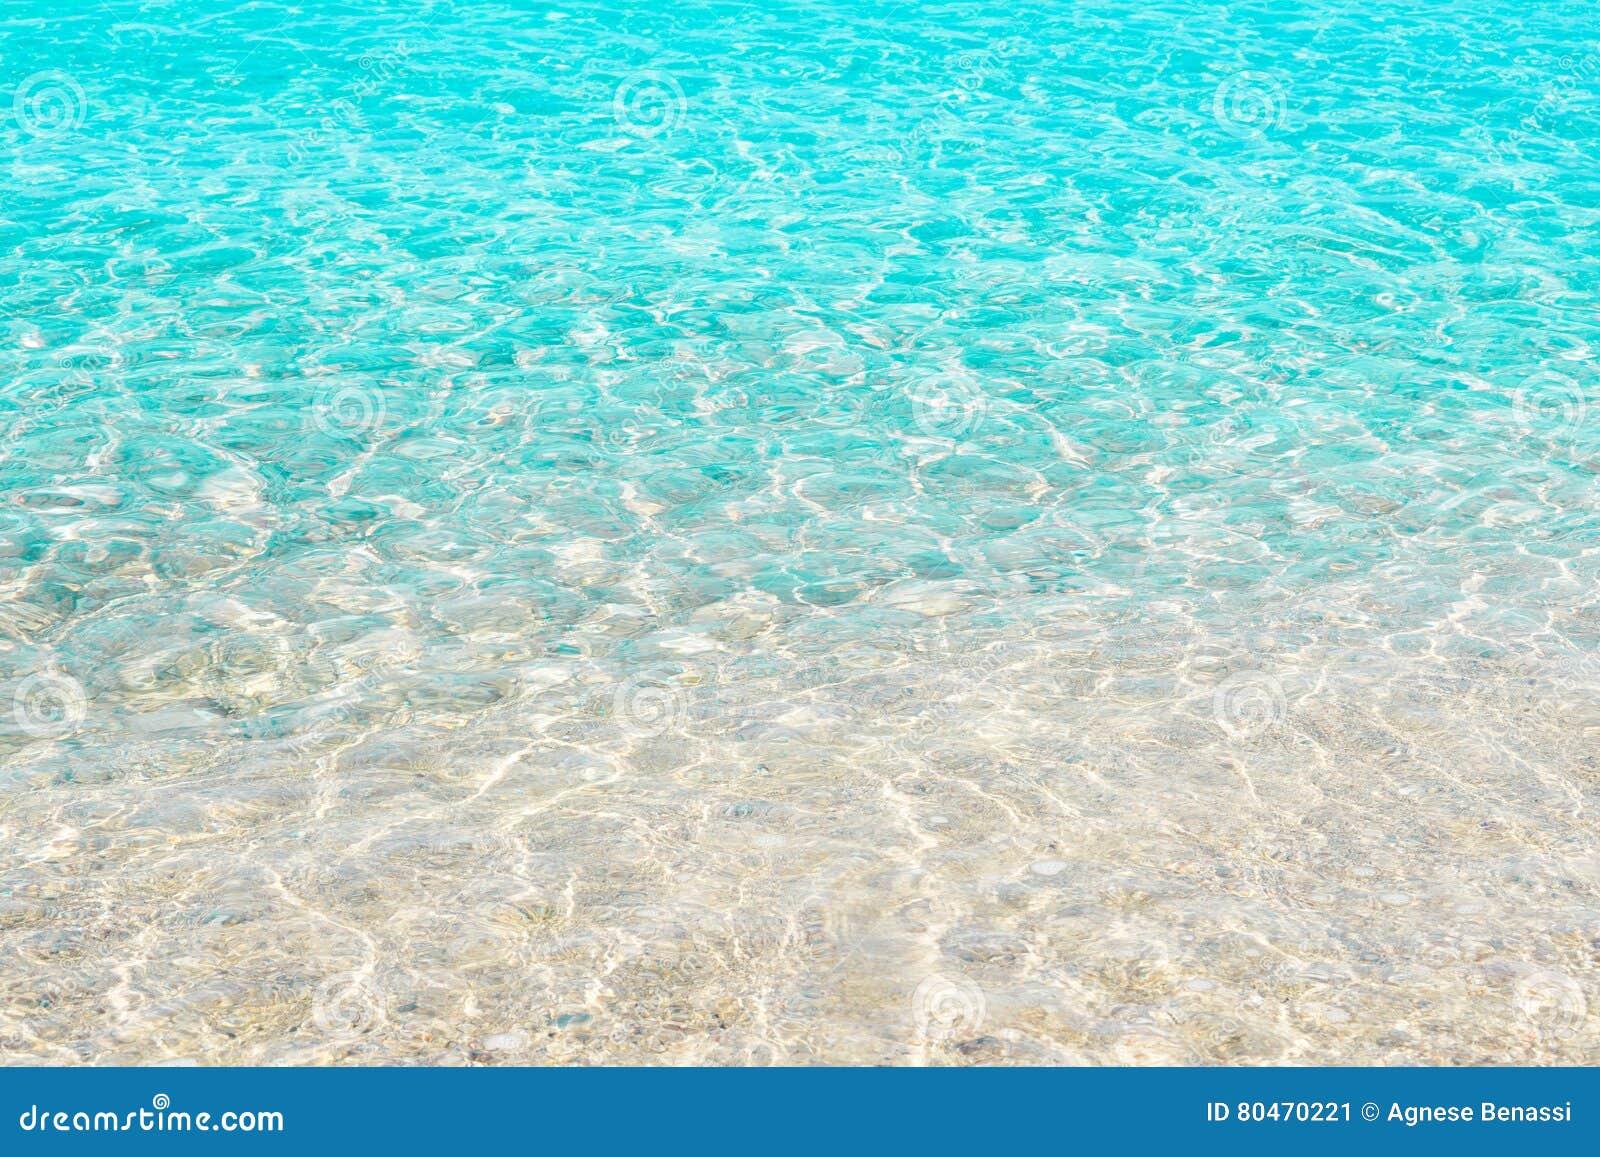 fondos de mar transparente - photo #6